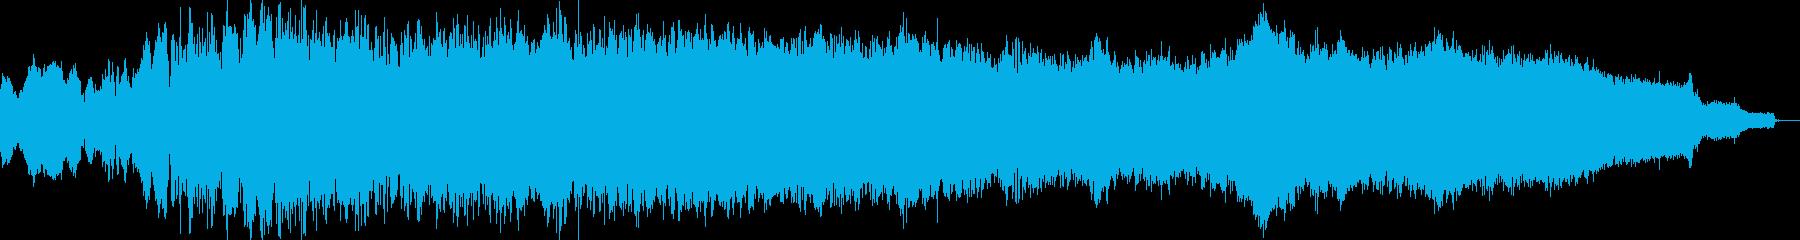 スターシップワープエフェクトの再生済みの波形